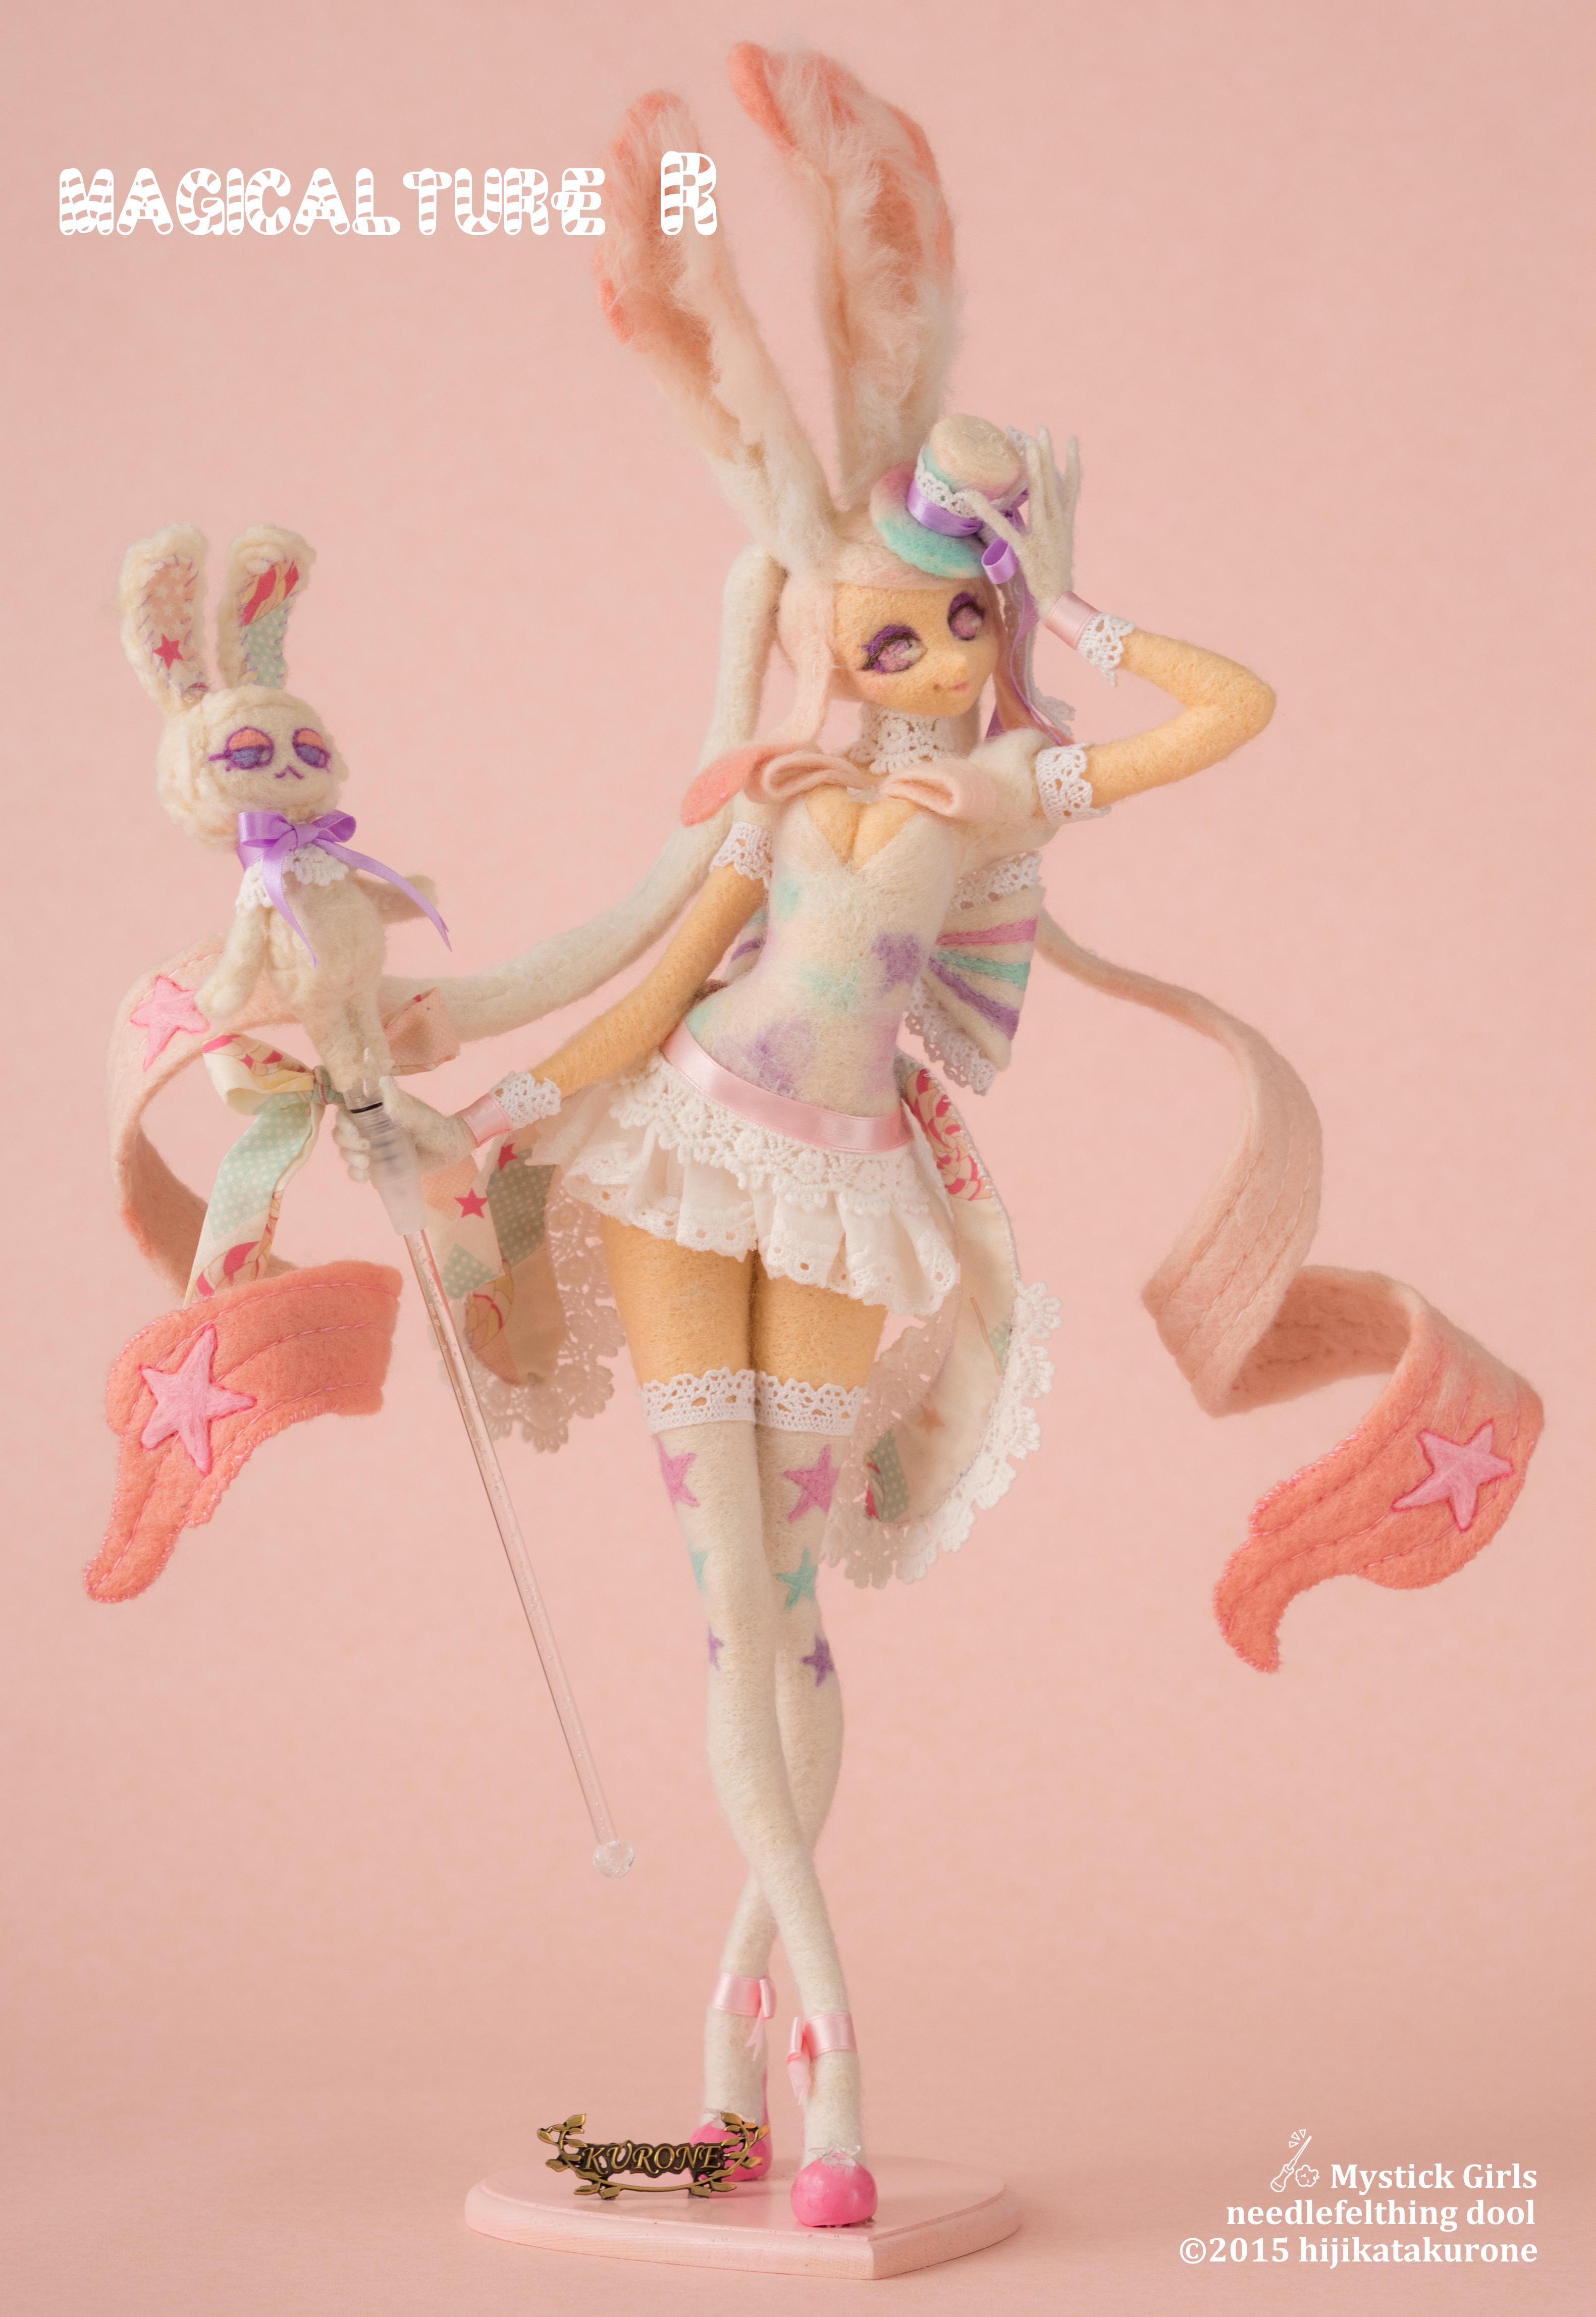 魔法少女マジカル☆ミミィ 羊毛フェルト